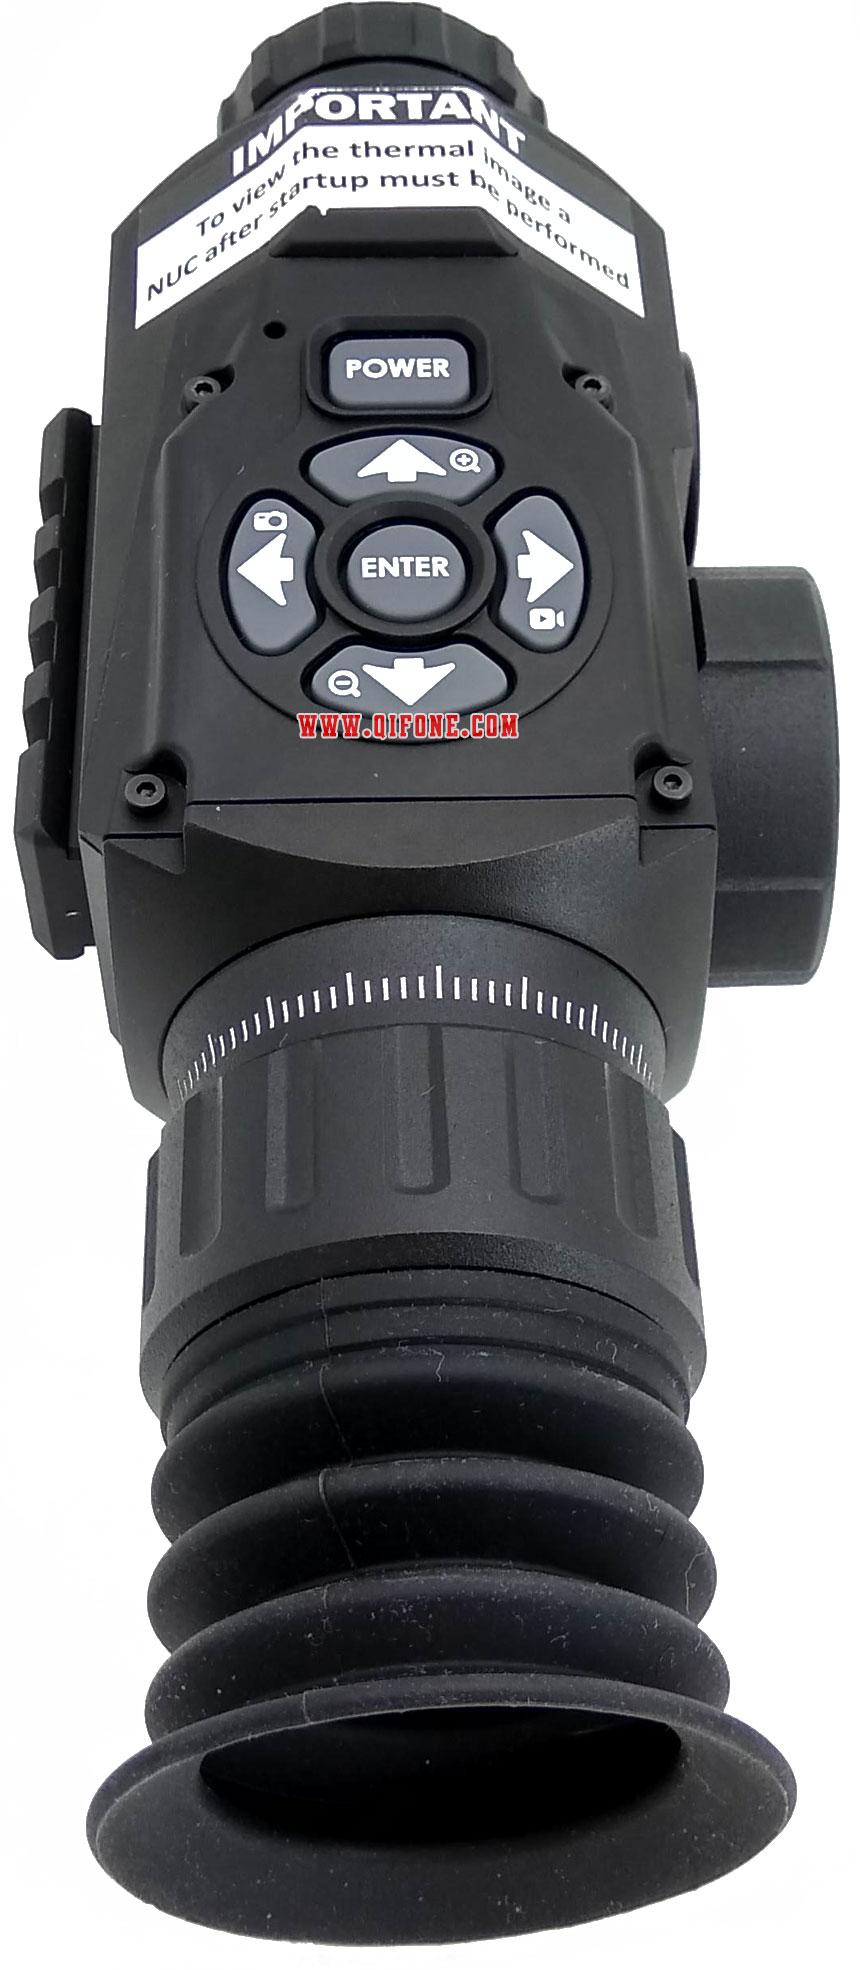 原装进口ATN雷神热成像瞄准镜 THOR-HD 384 2-8x25